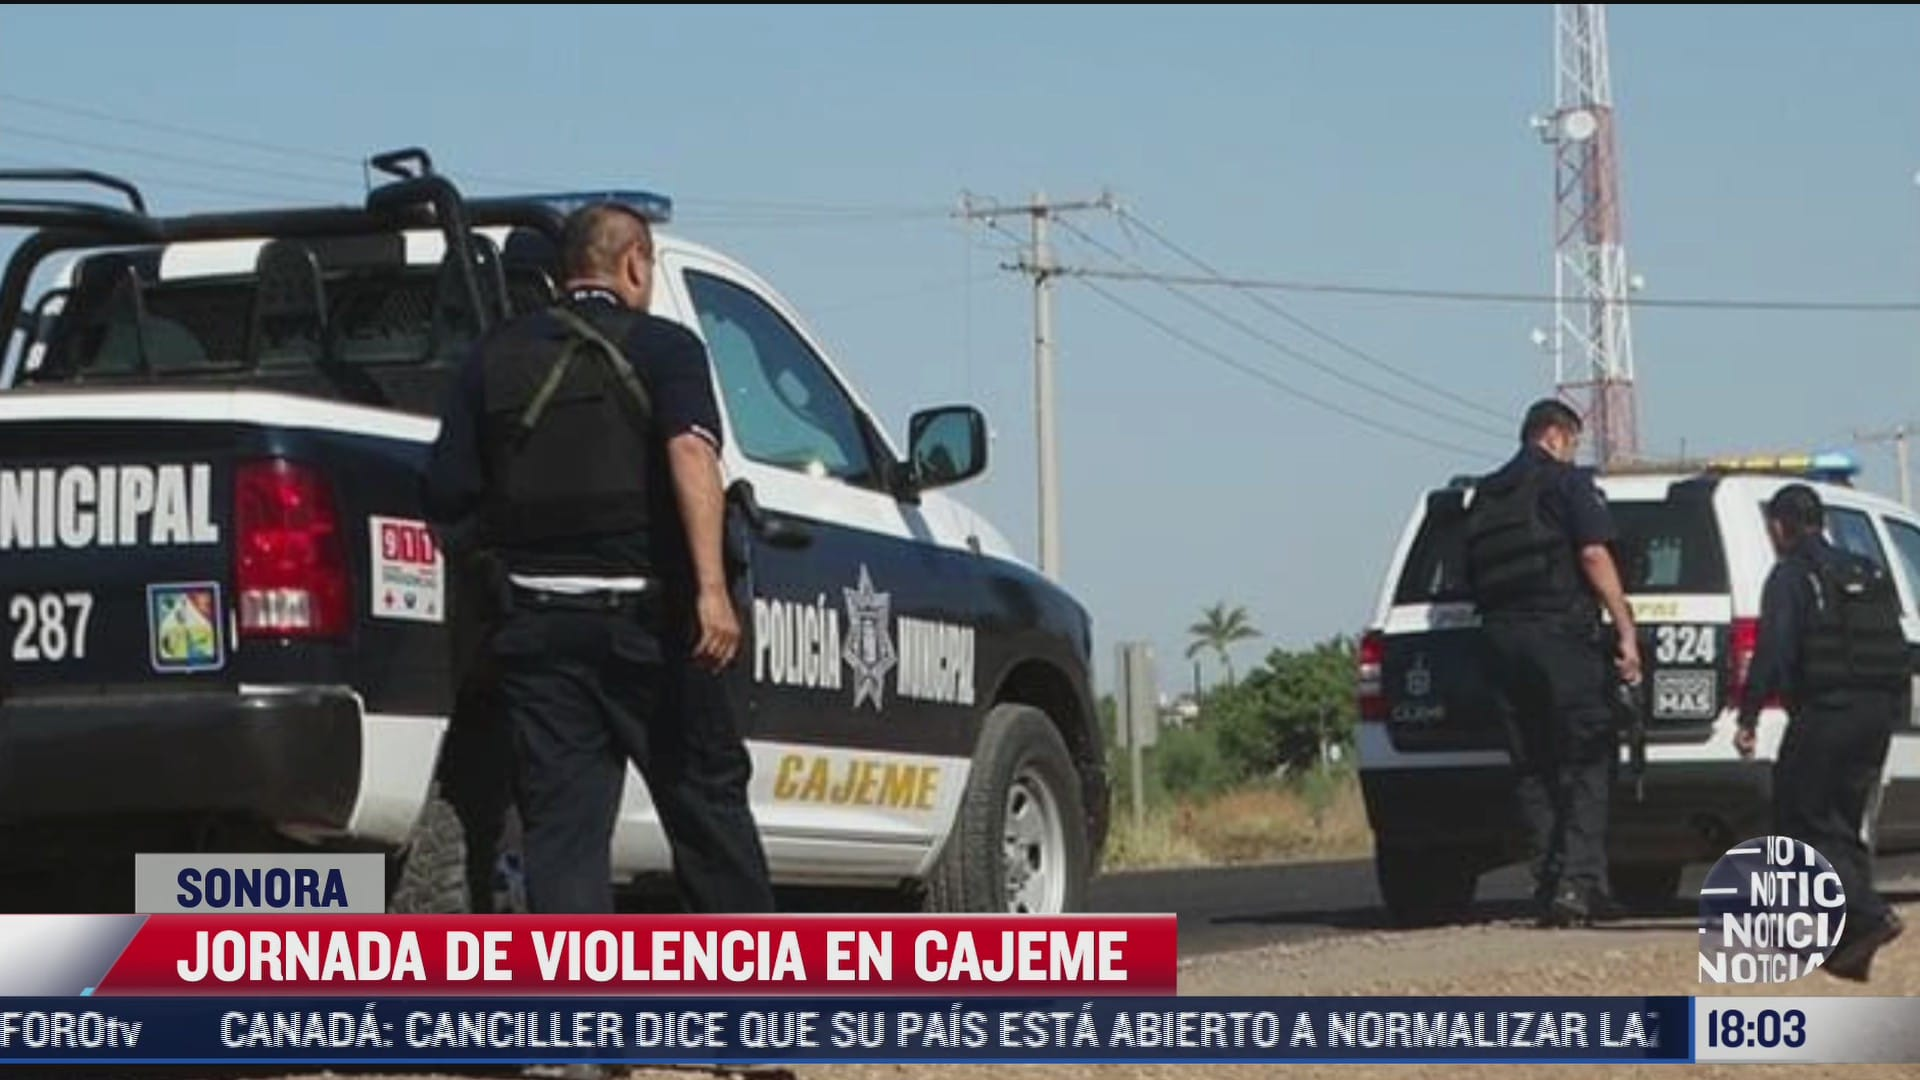 dejan hechos de violencia 7 muertos en cajeme sonora